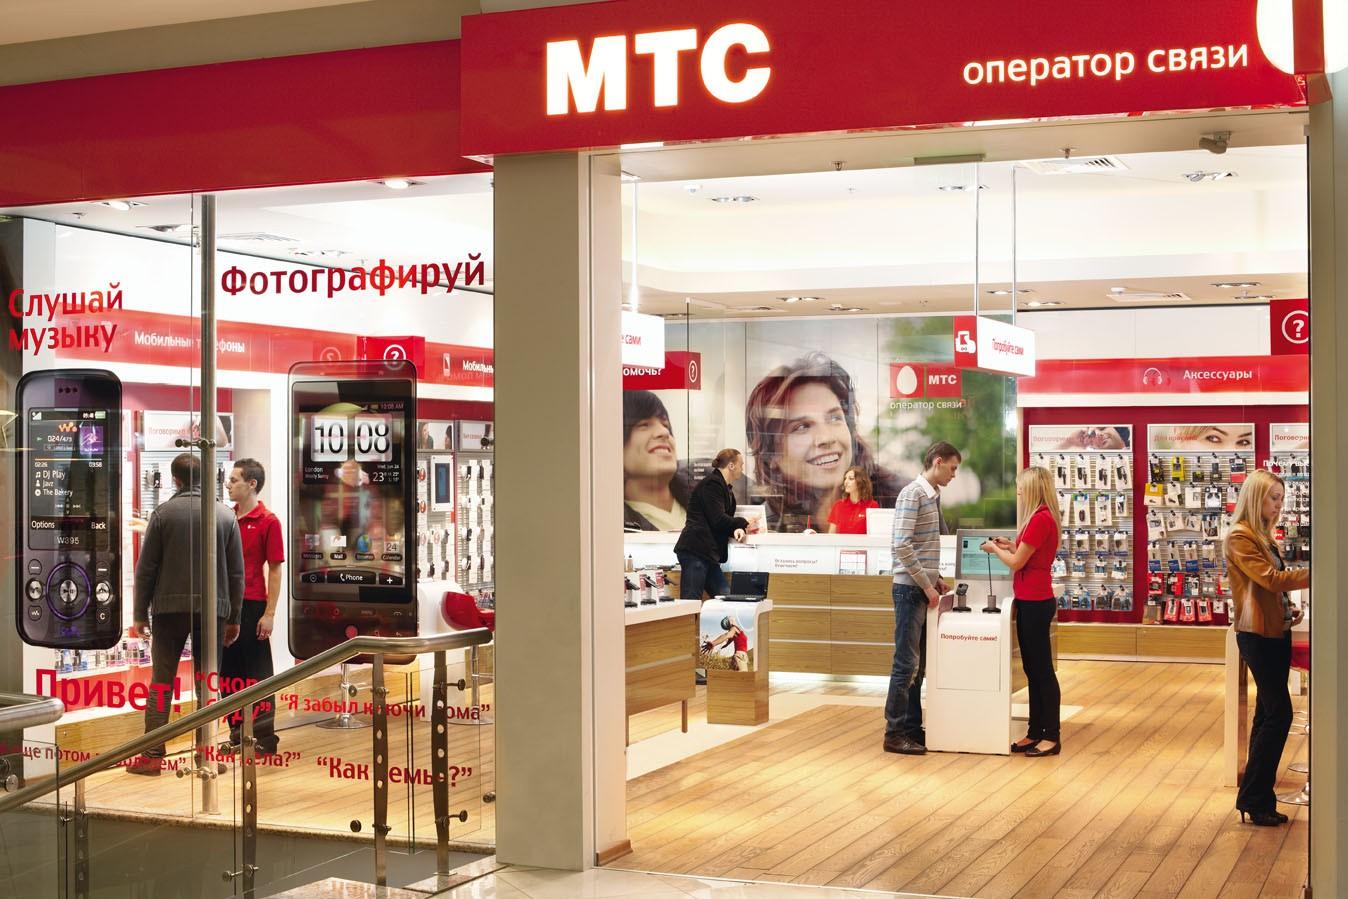 МТС стал лидером по числу торговых точек в России